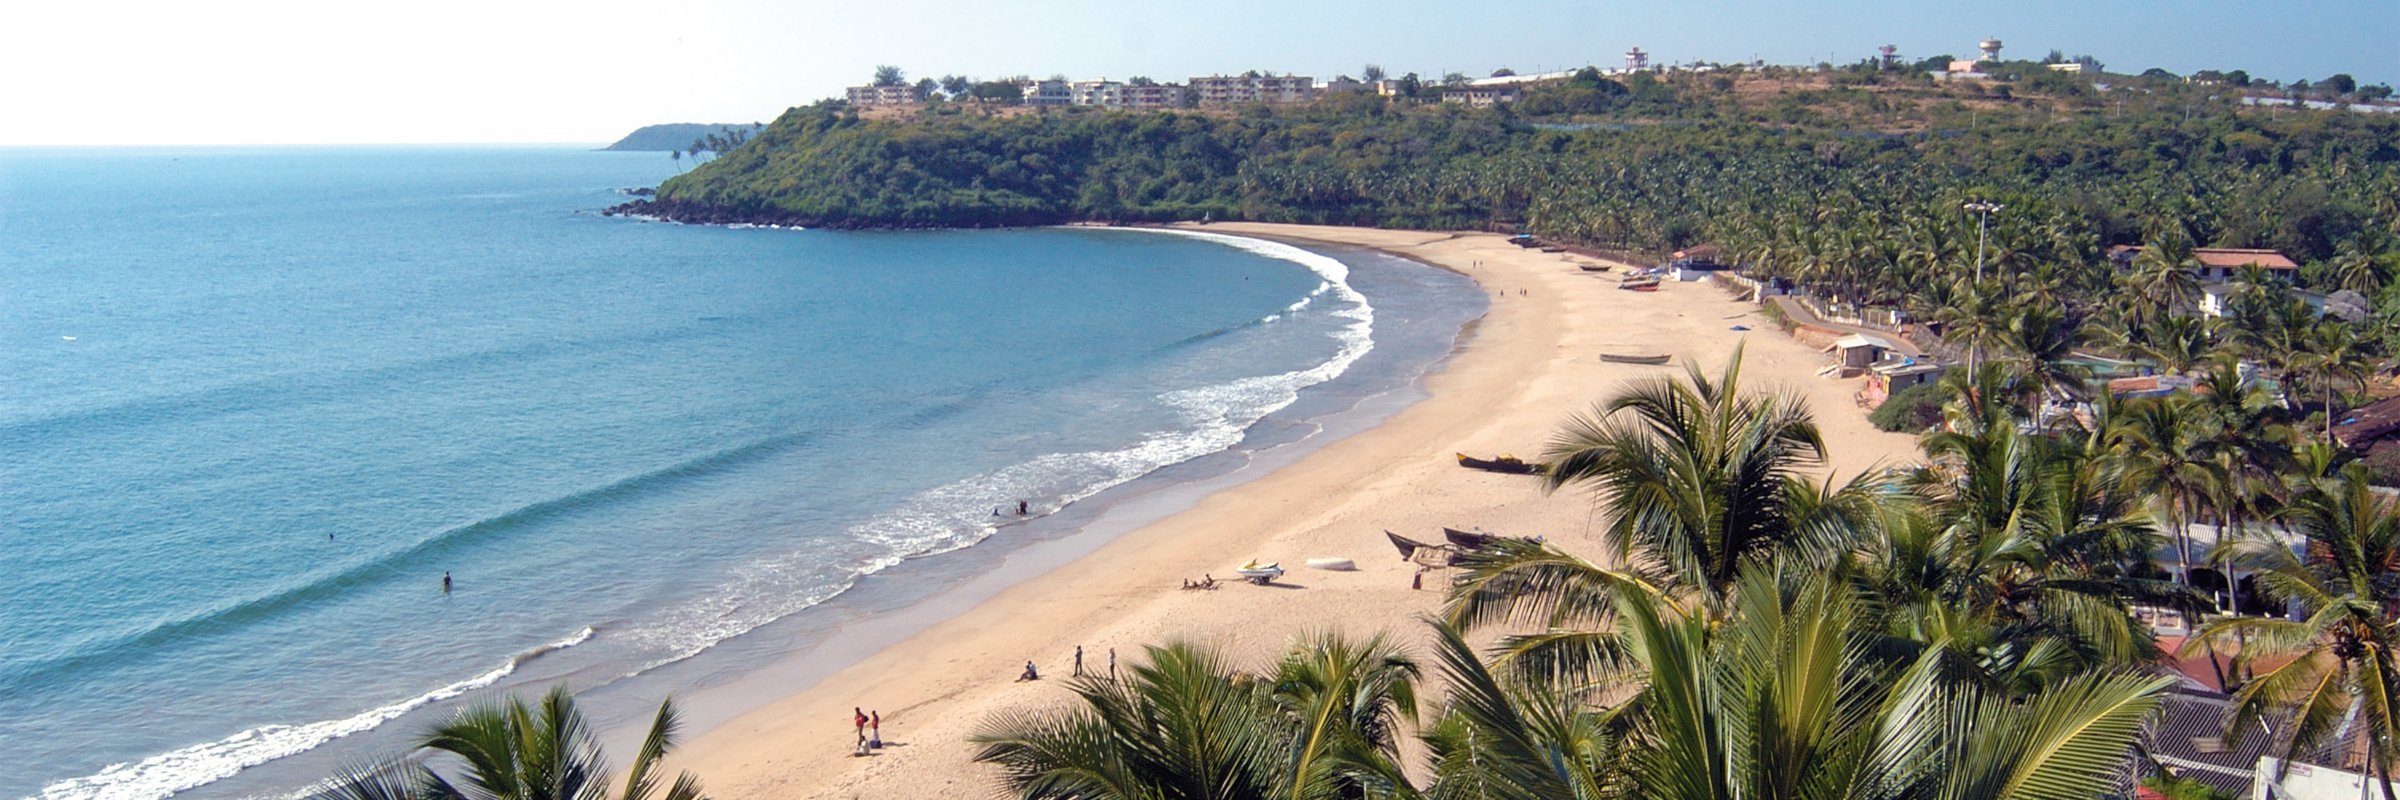 Über knapp eine Meile verteilt sich der Sand entlang der kleinen Bucht von Bogmalo Beach in Goa, Indien.